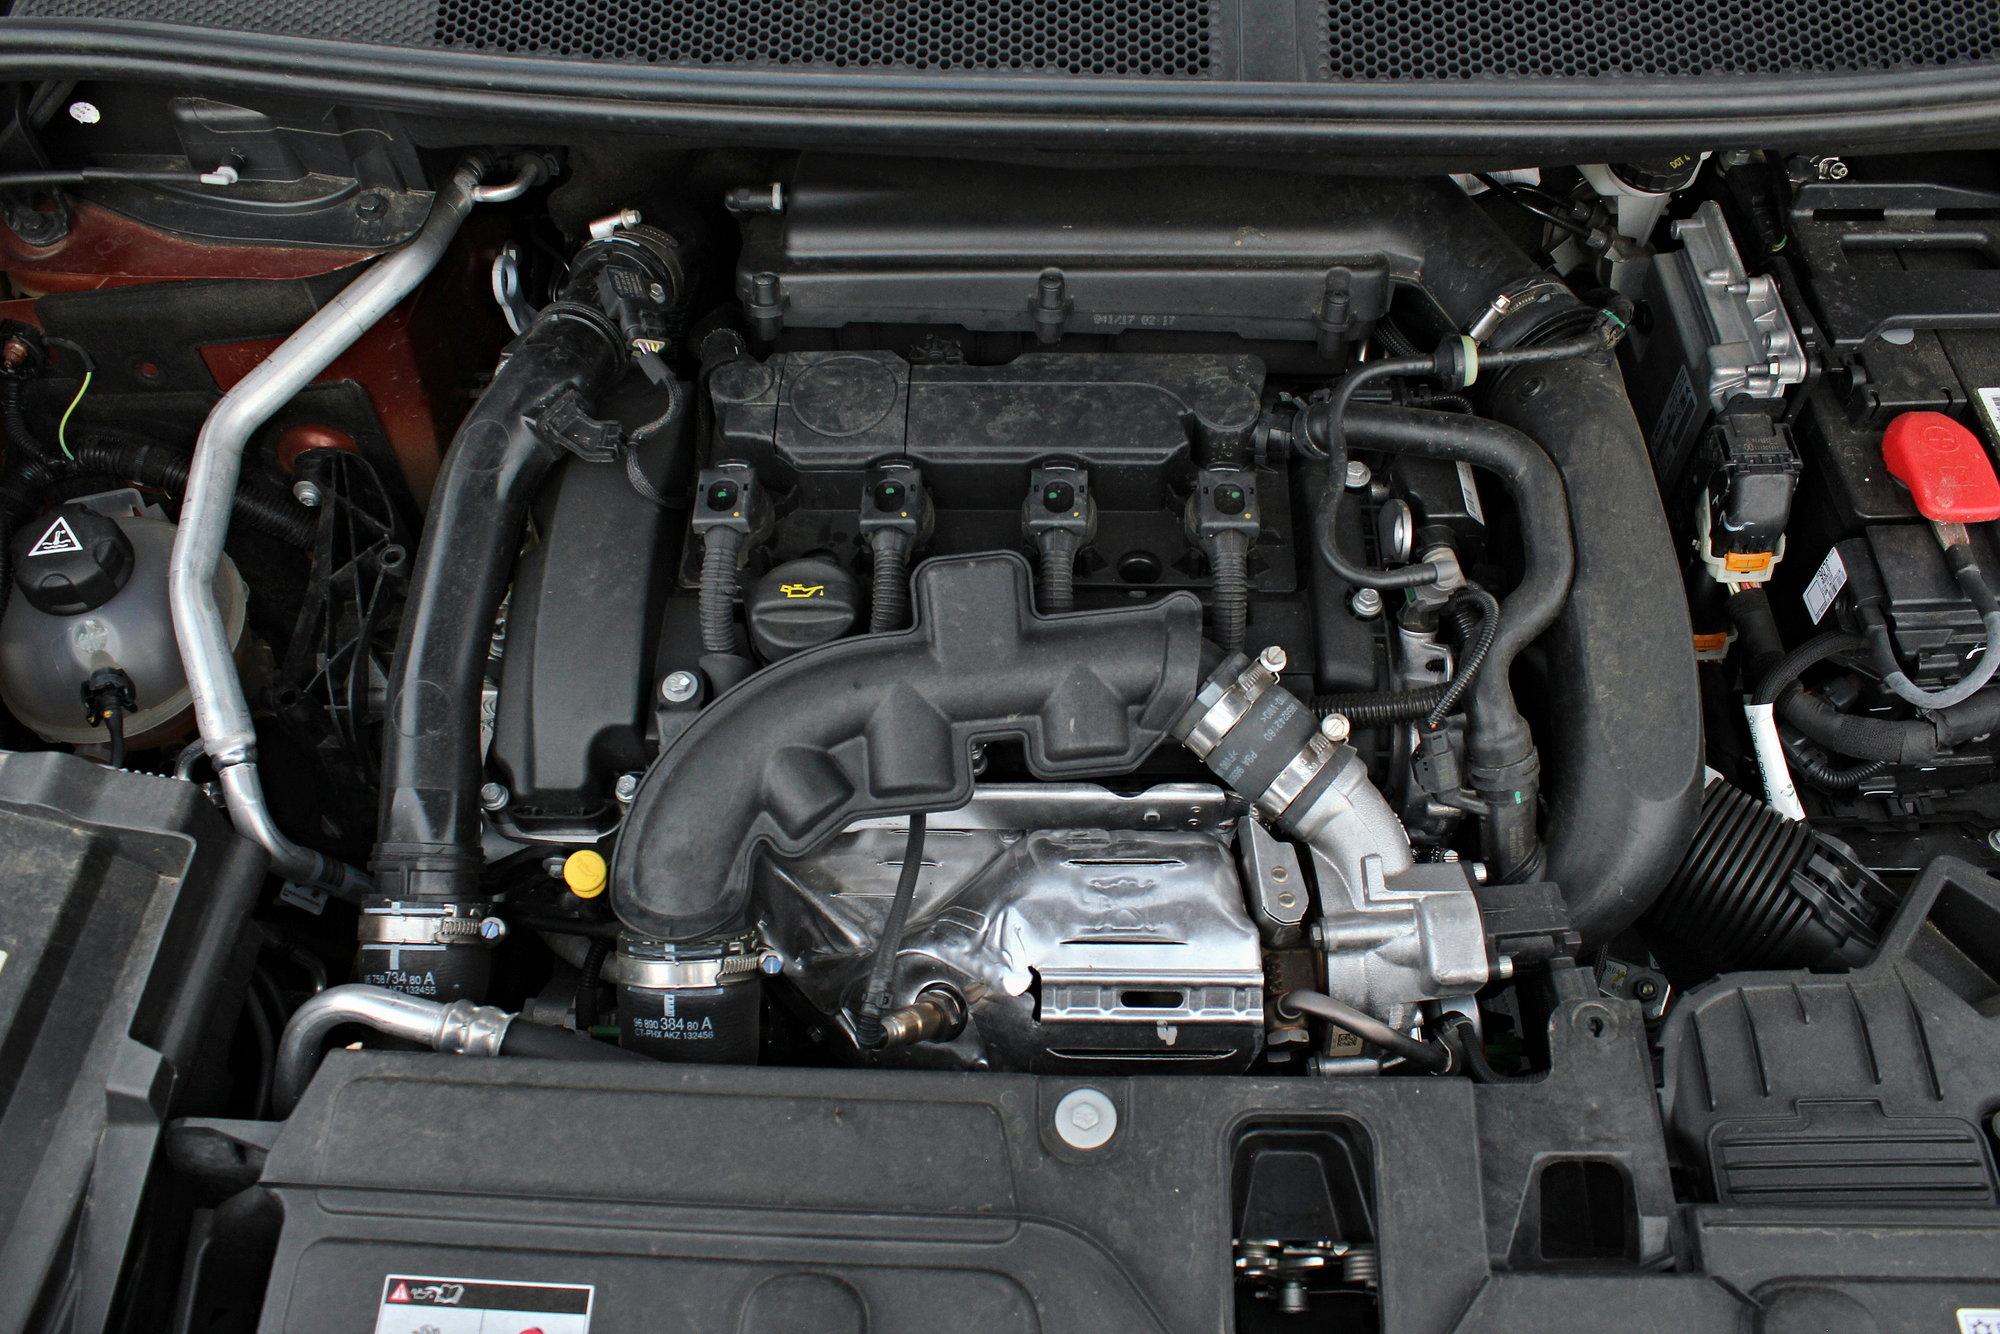 Peugeot 3008 GT Line ukrývá pod kapotou přeplňovaný benzínový čtyřválec o objemu 1.6 litru